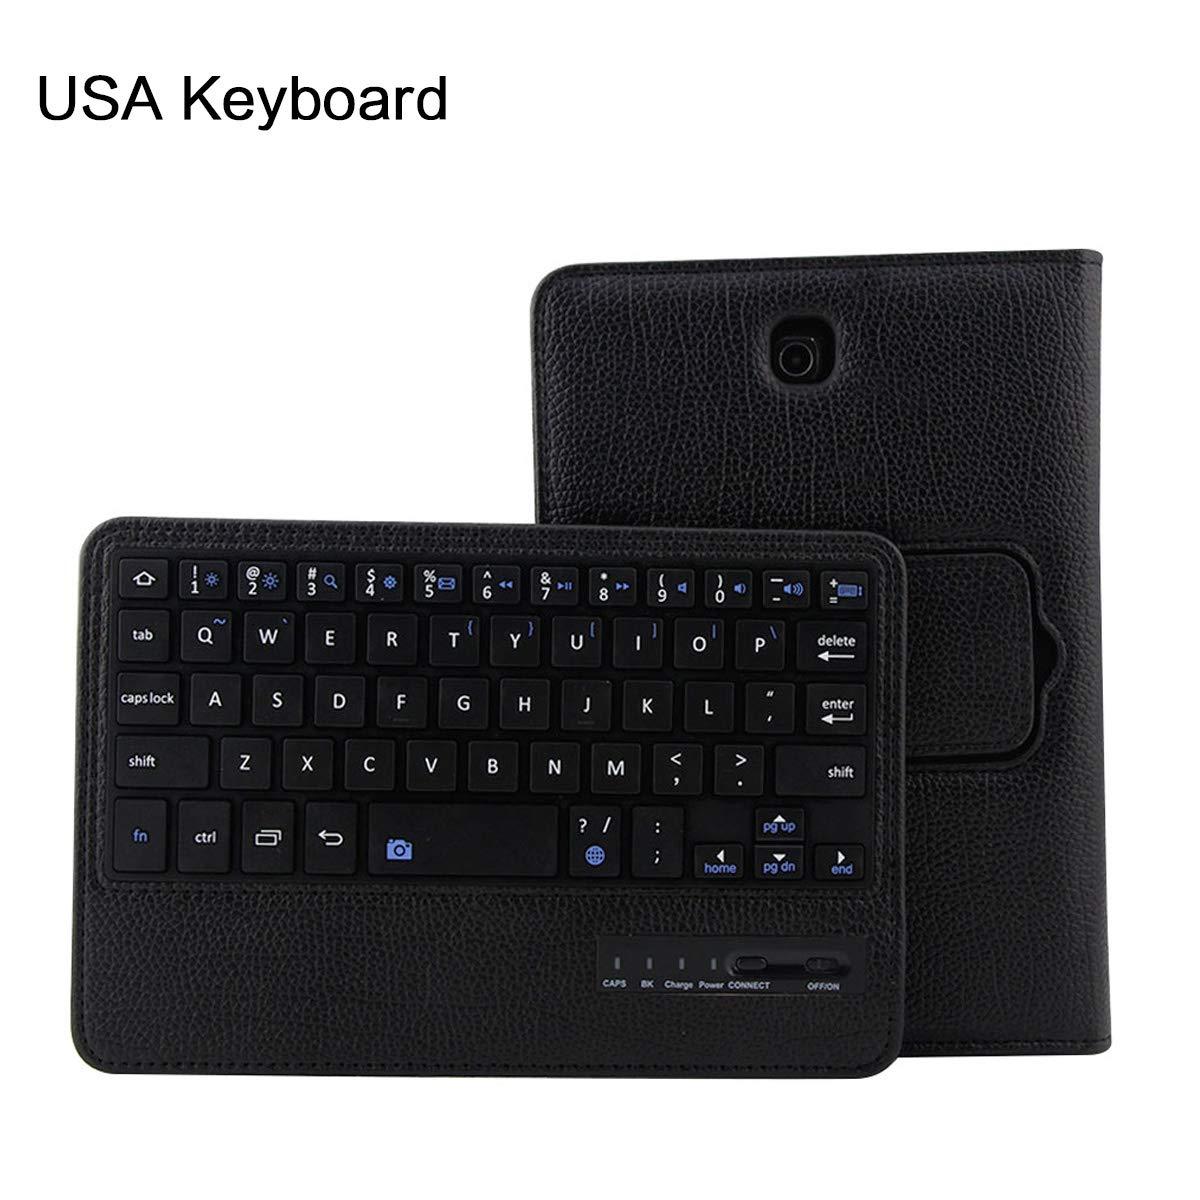 大人気の Samsung Galaxy 取り外し可能 Tab S2 8.0 T710 (ピンク) キーボードケース S2 BasicStock 超薄型 PUレザー 充電式 取り外し可能 フリップ PC タブレットケース ワイヤレス US キーボードカバー Samsung Galaxy Tab S2 8.0 T710用 (ピンク) ブラック 6400-71-998 ブラック B07KW7QN4S, AFTBS:4ed521a6 --- a0267596.xsph.ru